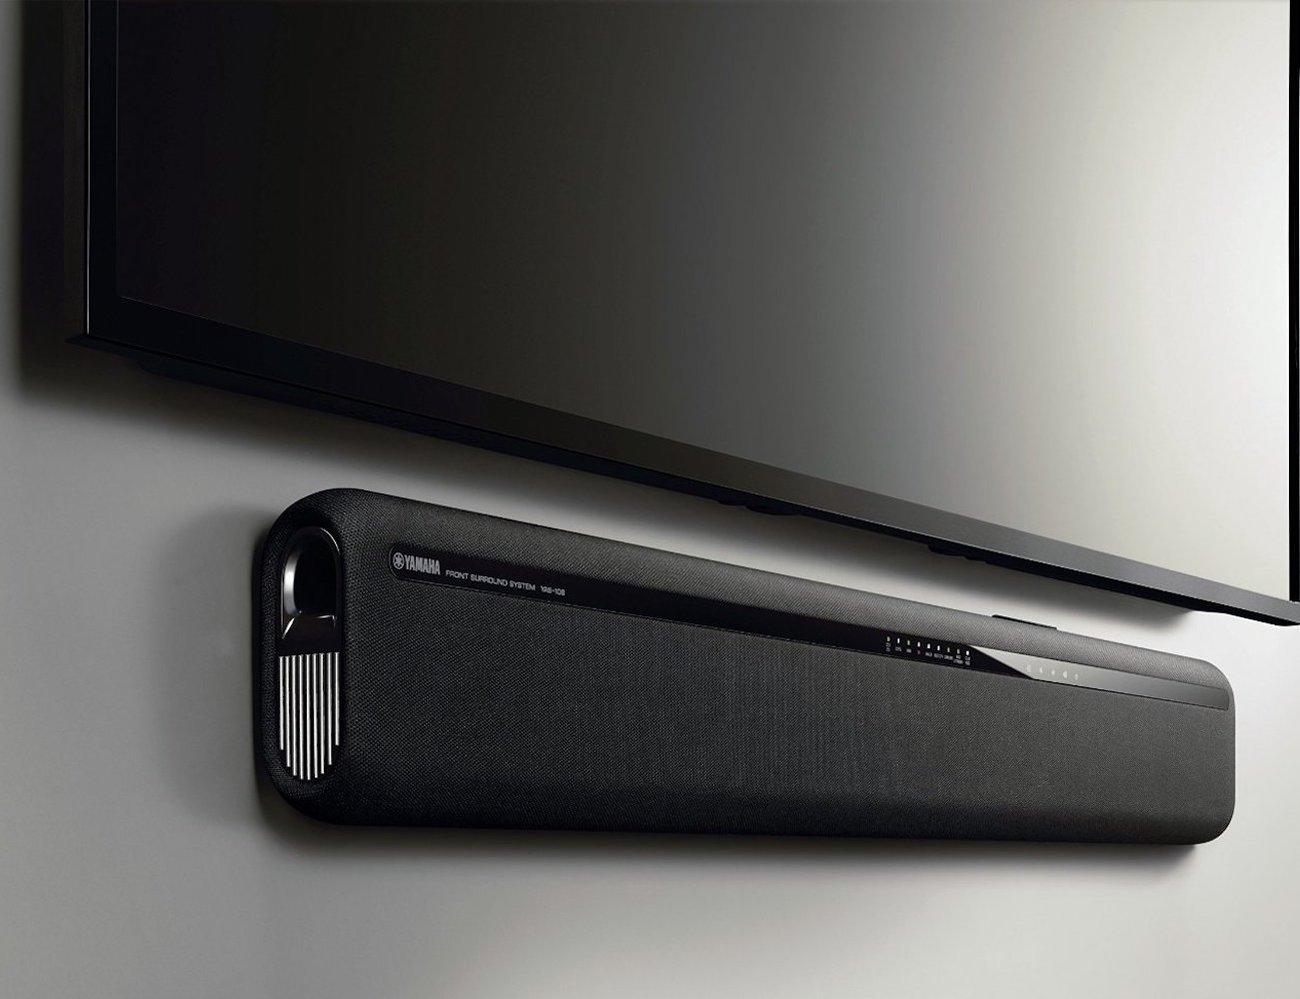 Yamaha YAS-106 Sound Bar